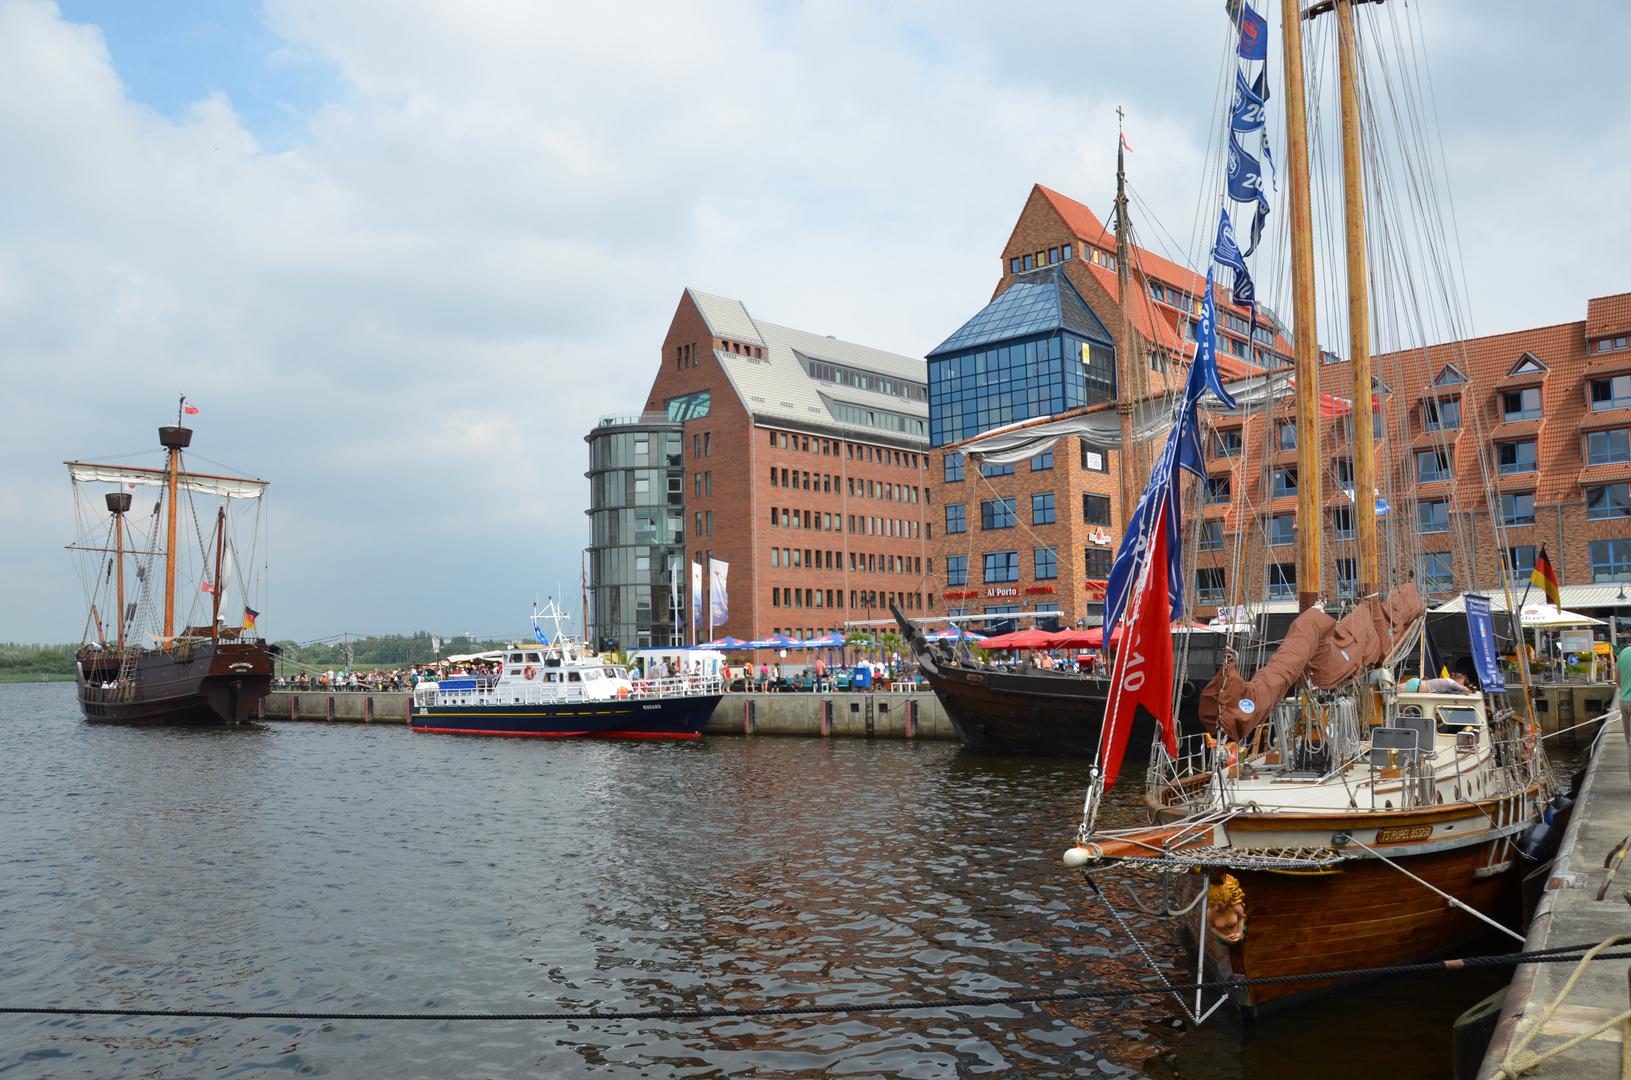 Am Stadthafen während der Hanse Sail 2013 in Rostock